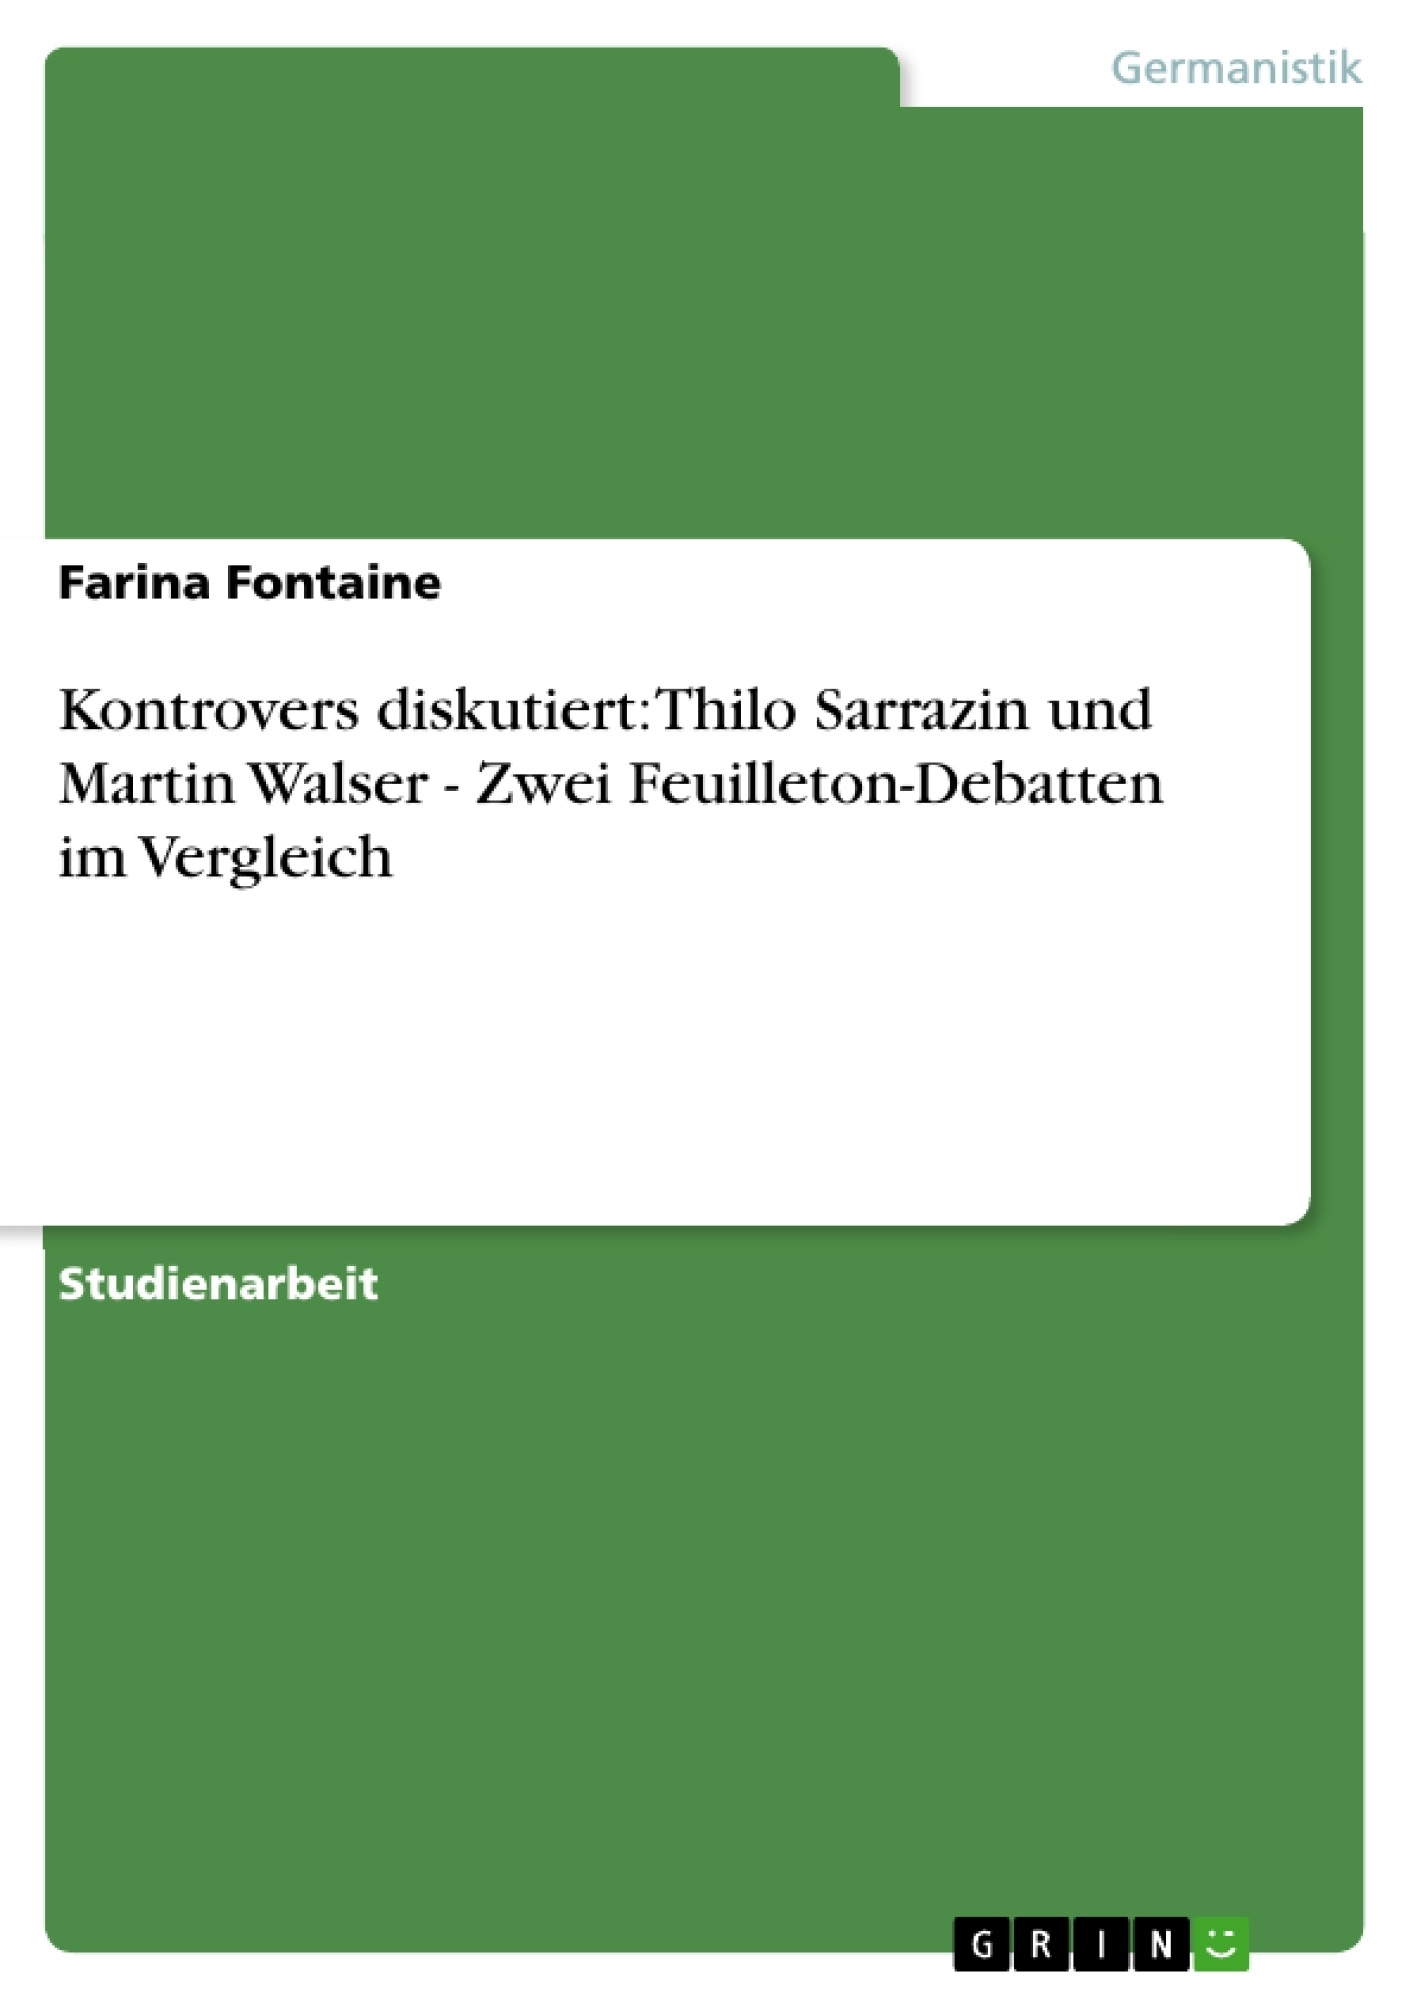 Titel: Kontrovers diskutiert: Thilo Sarrazin und Martin Walser - Zwei Feuilleton-Debatten im Vergleich